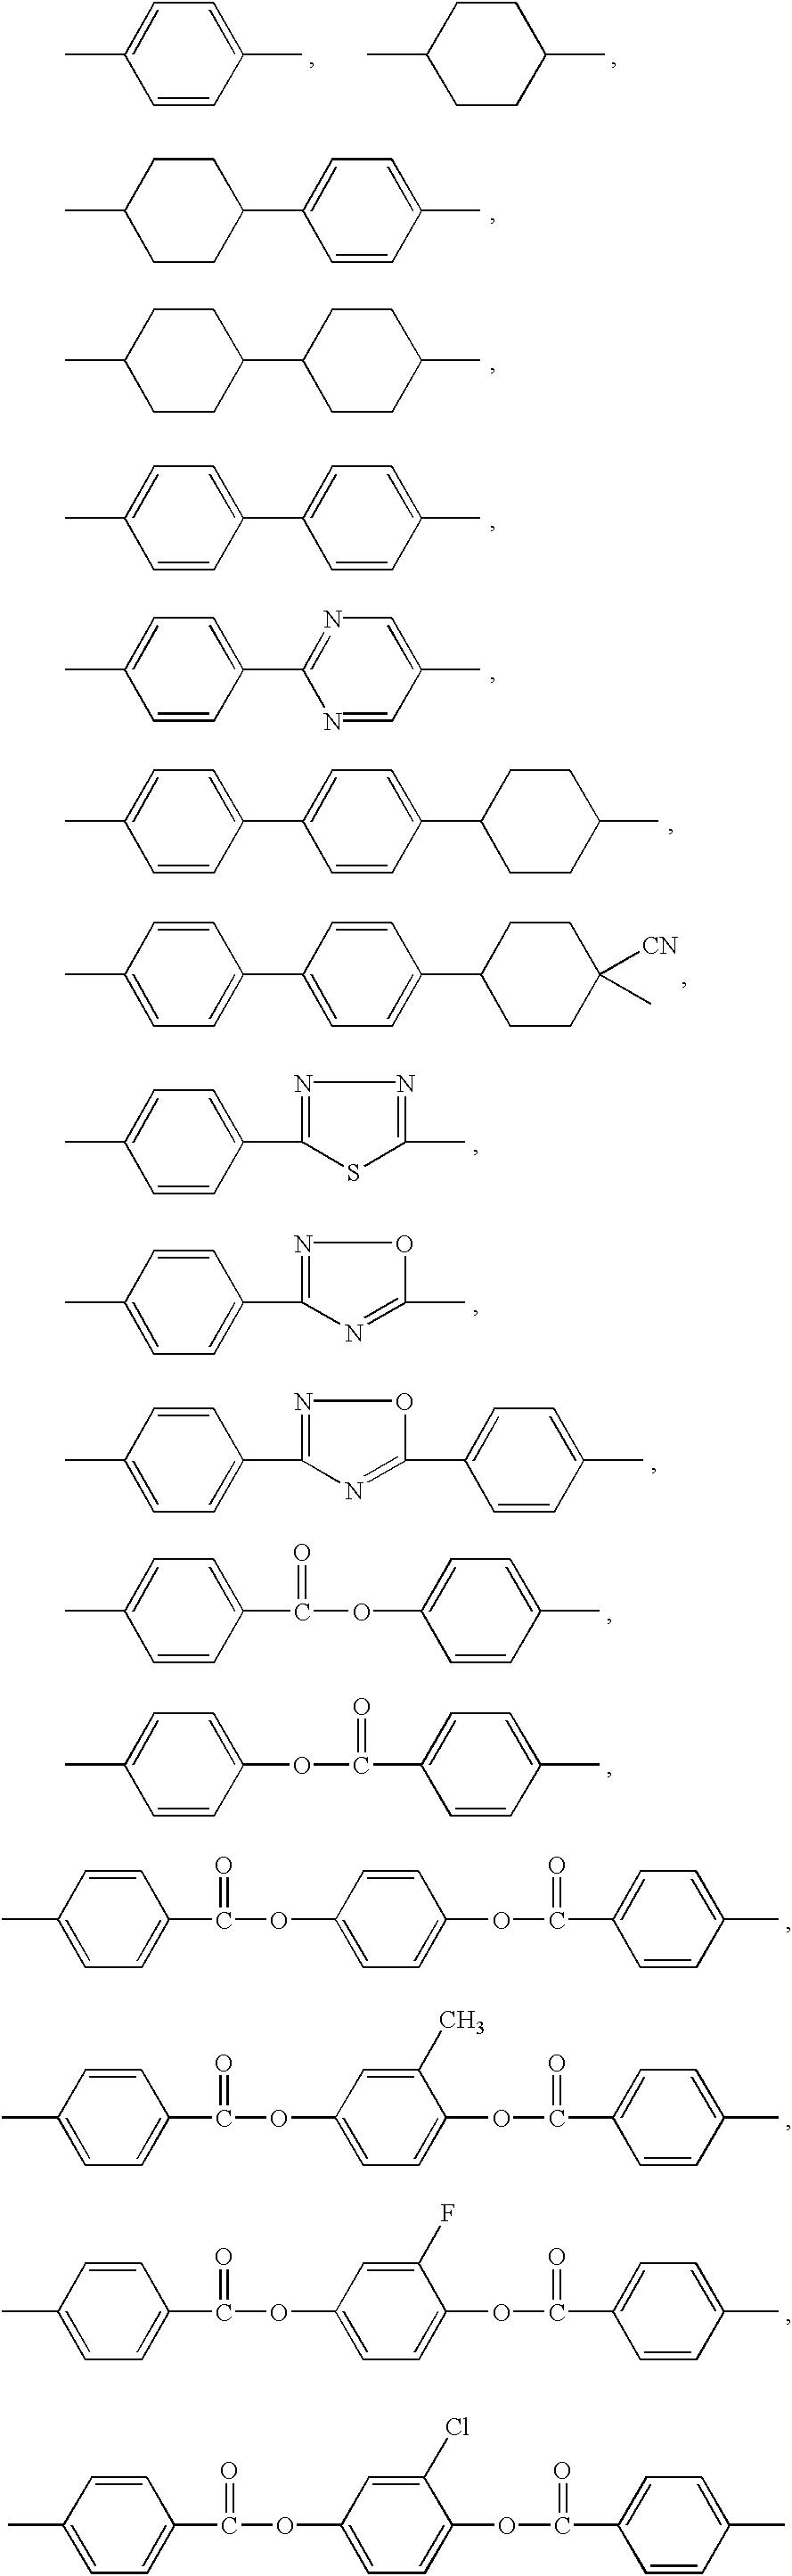 Figure US06582781-20030624-C00005